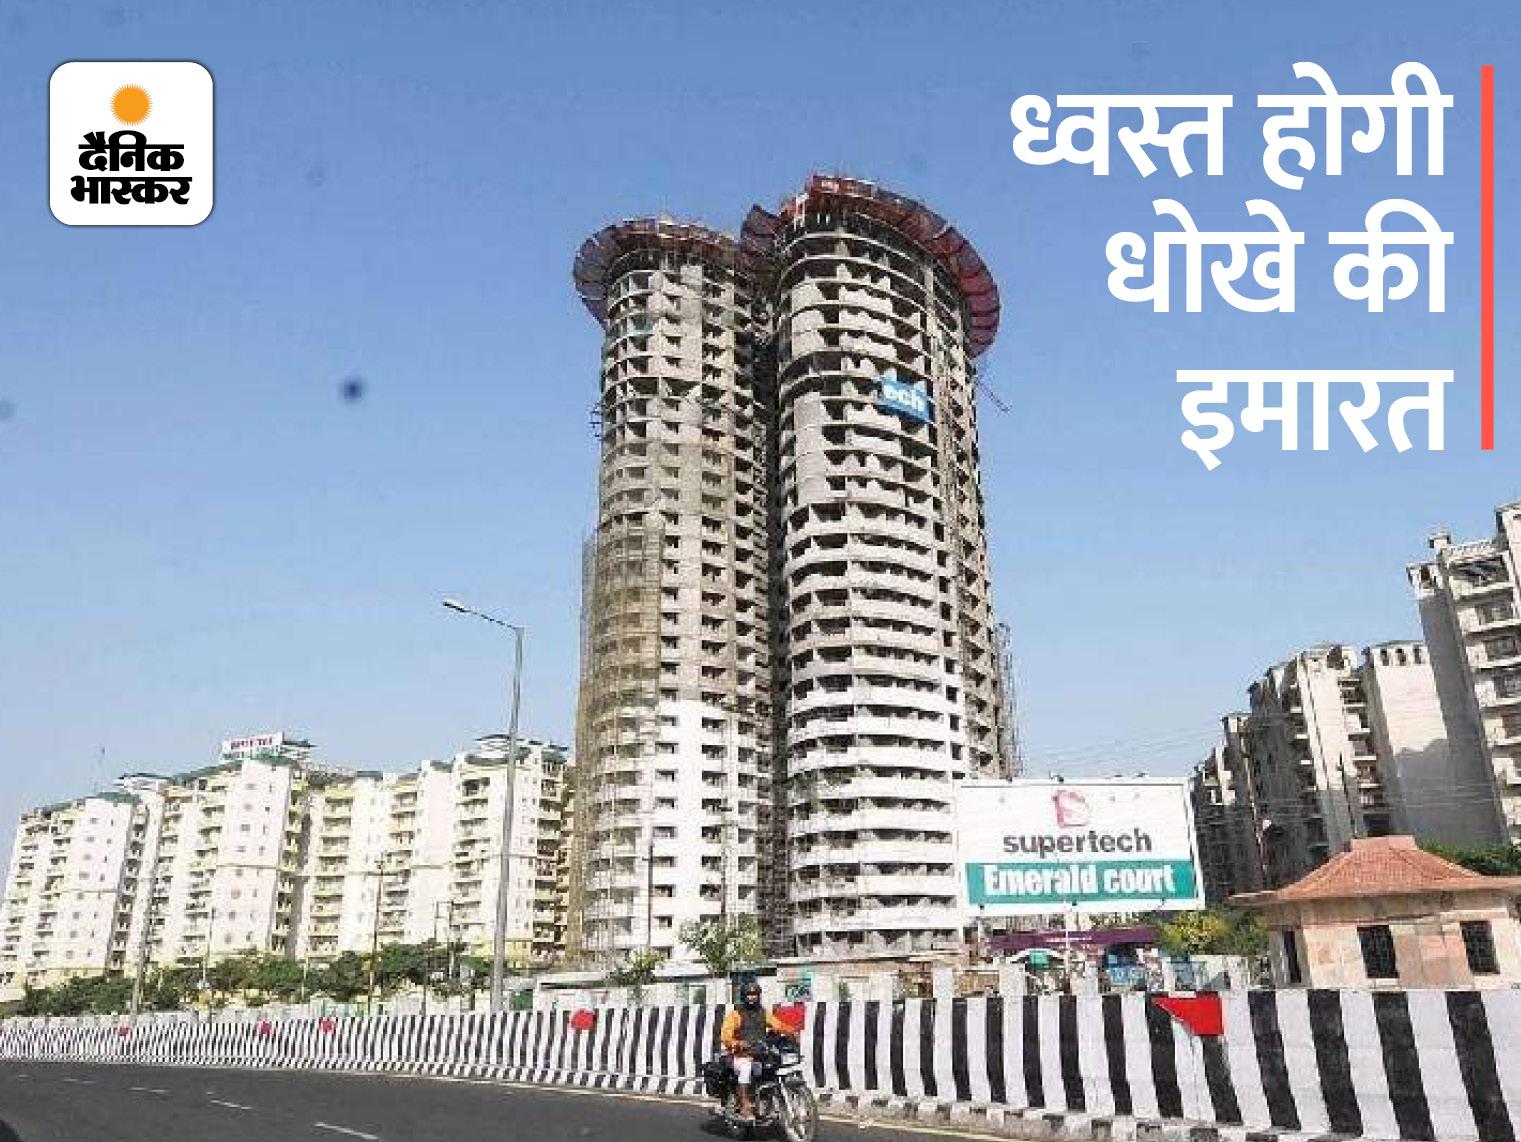 सुप्रीम कोर्ट ने कहा- सुपरटेक एमराल्ड के दोनों टॉवर 3 महीने में गिराएं, निवेशकों का पैसा 12% ब्याज के साथ लौटाएं गौतम बुद्ध नगर,Gautambudh Nagar - Dainik Bhaskar